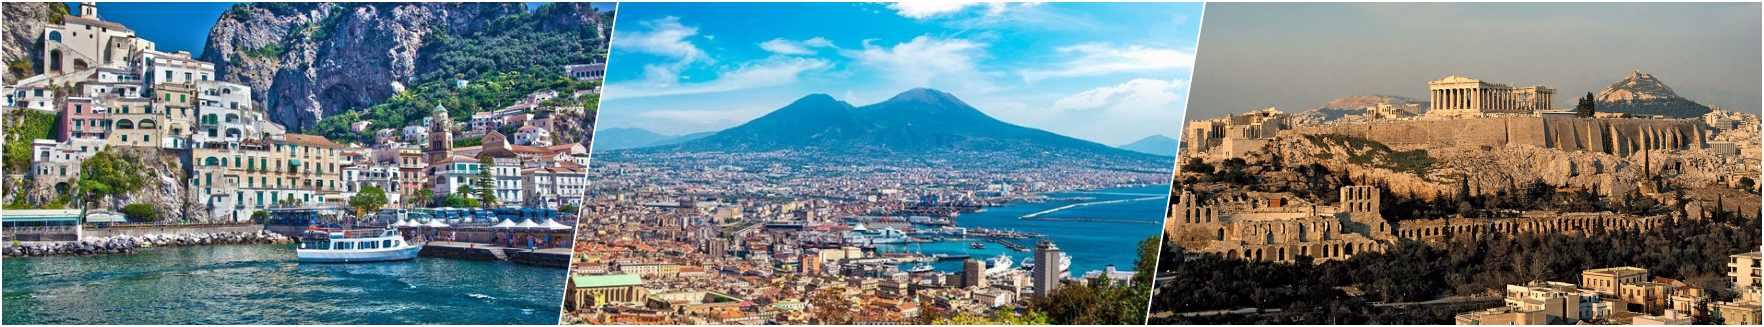 Salerno_Naples_Athens